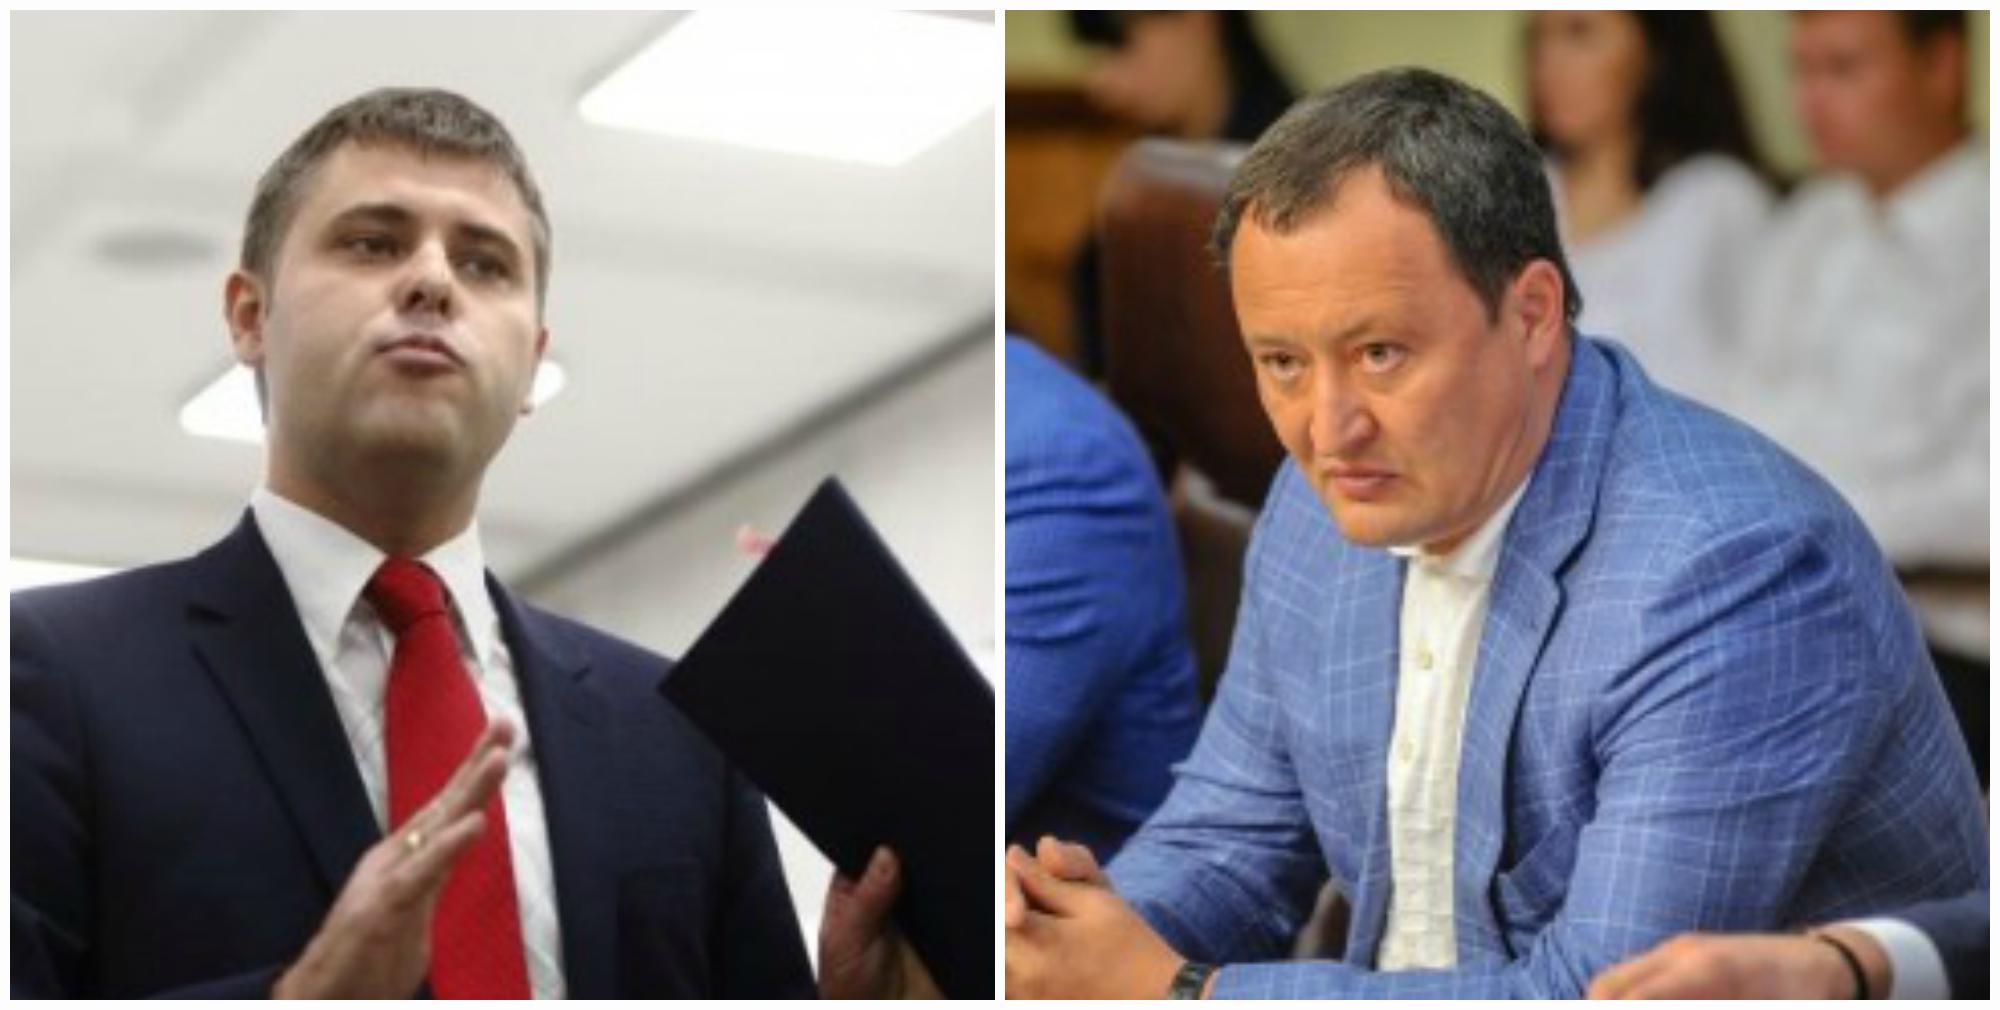 Генпрокуратура зарегистрировала рапорт Куценко в отношении запорожского губернатора